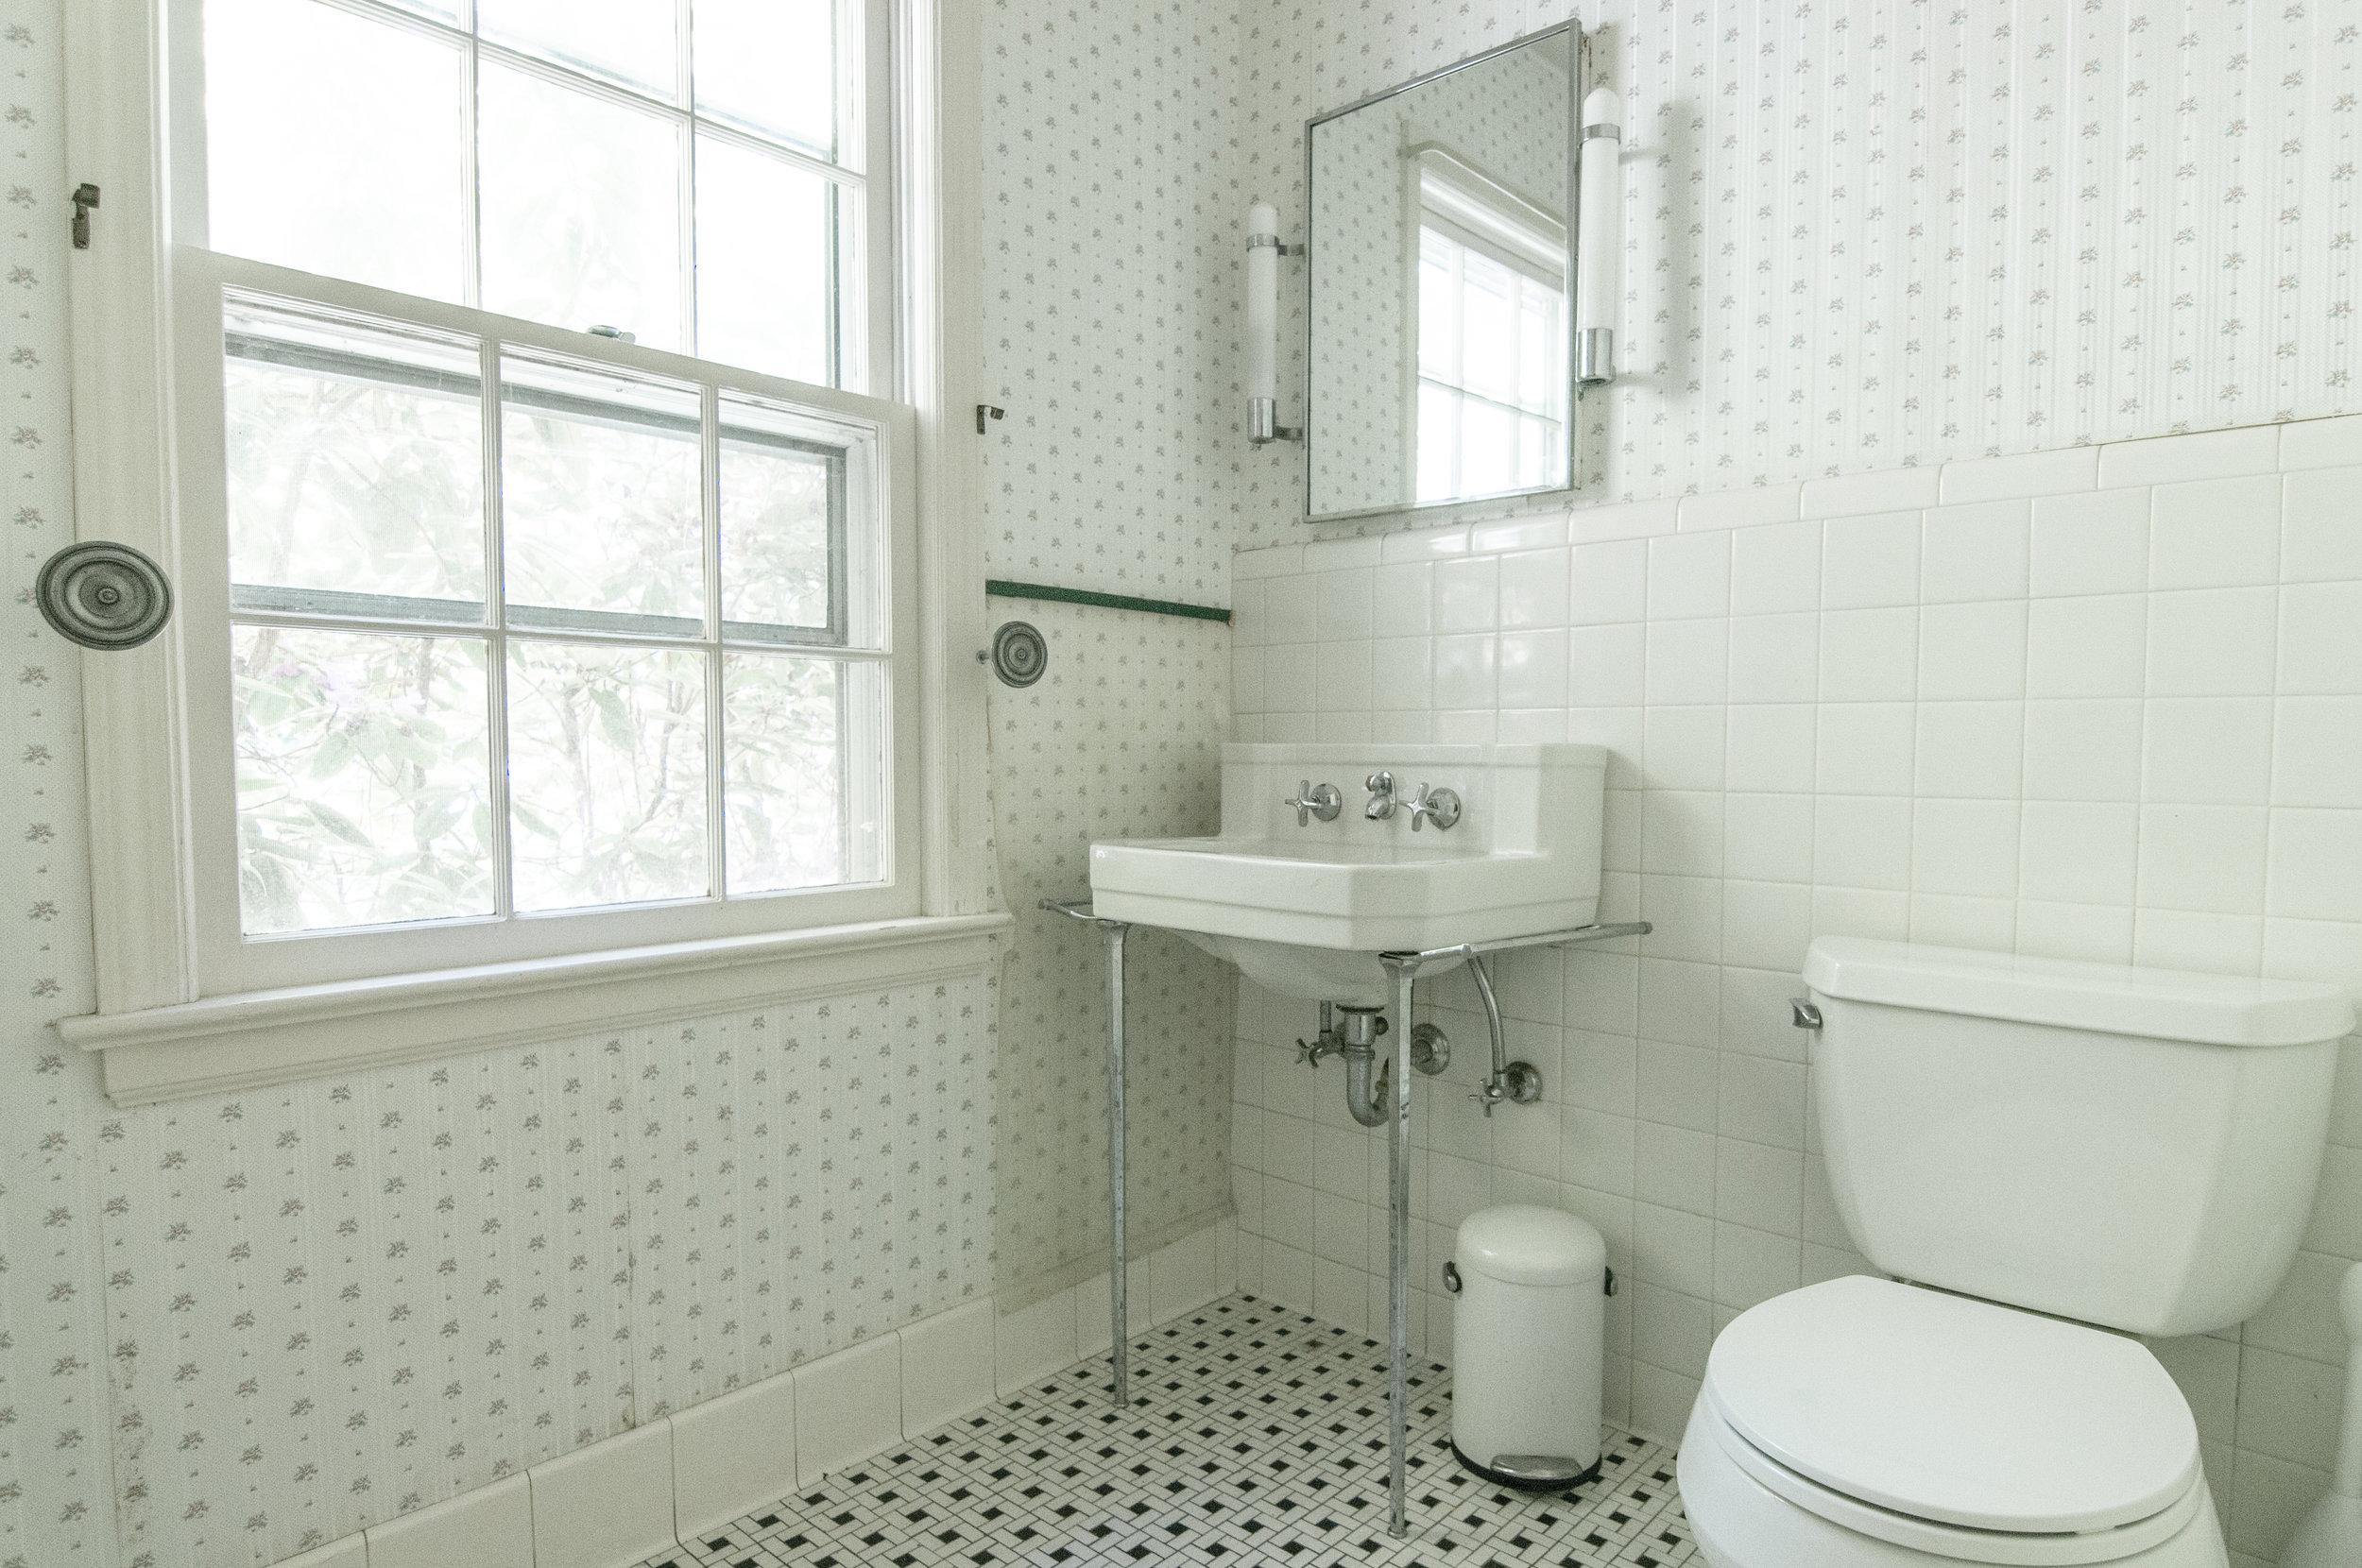 40-WHurleyRd-Downstairs-Bathroom.jpg